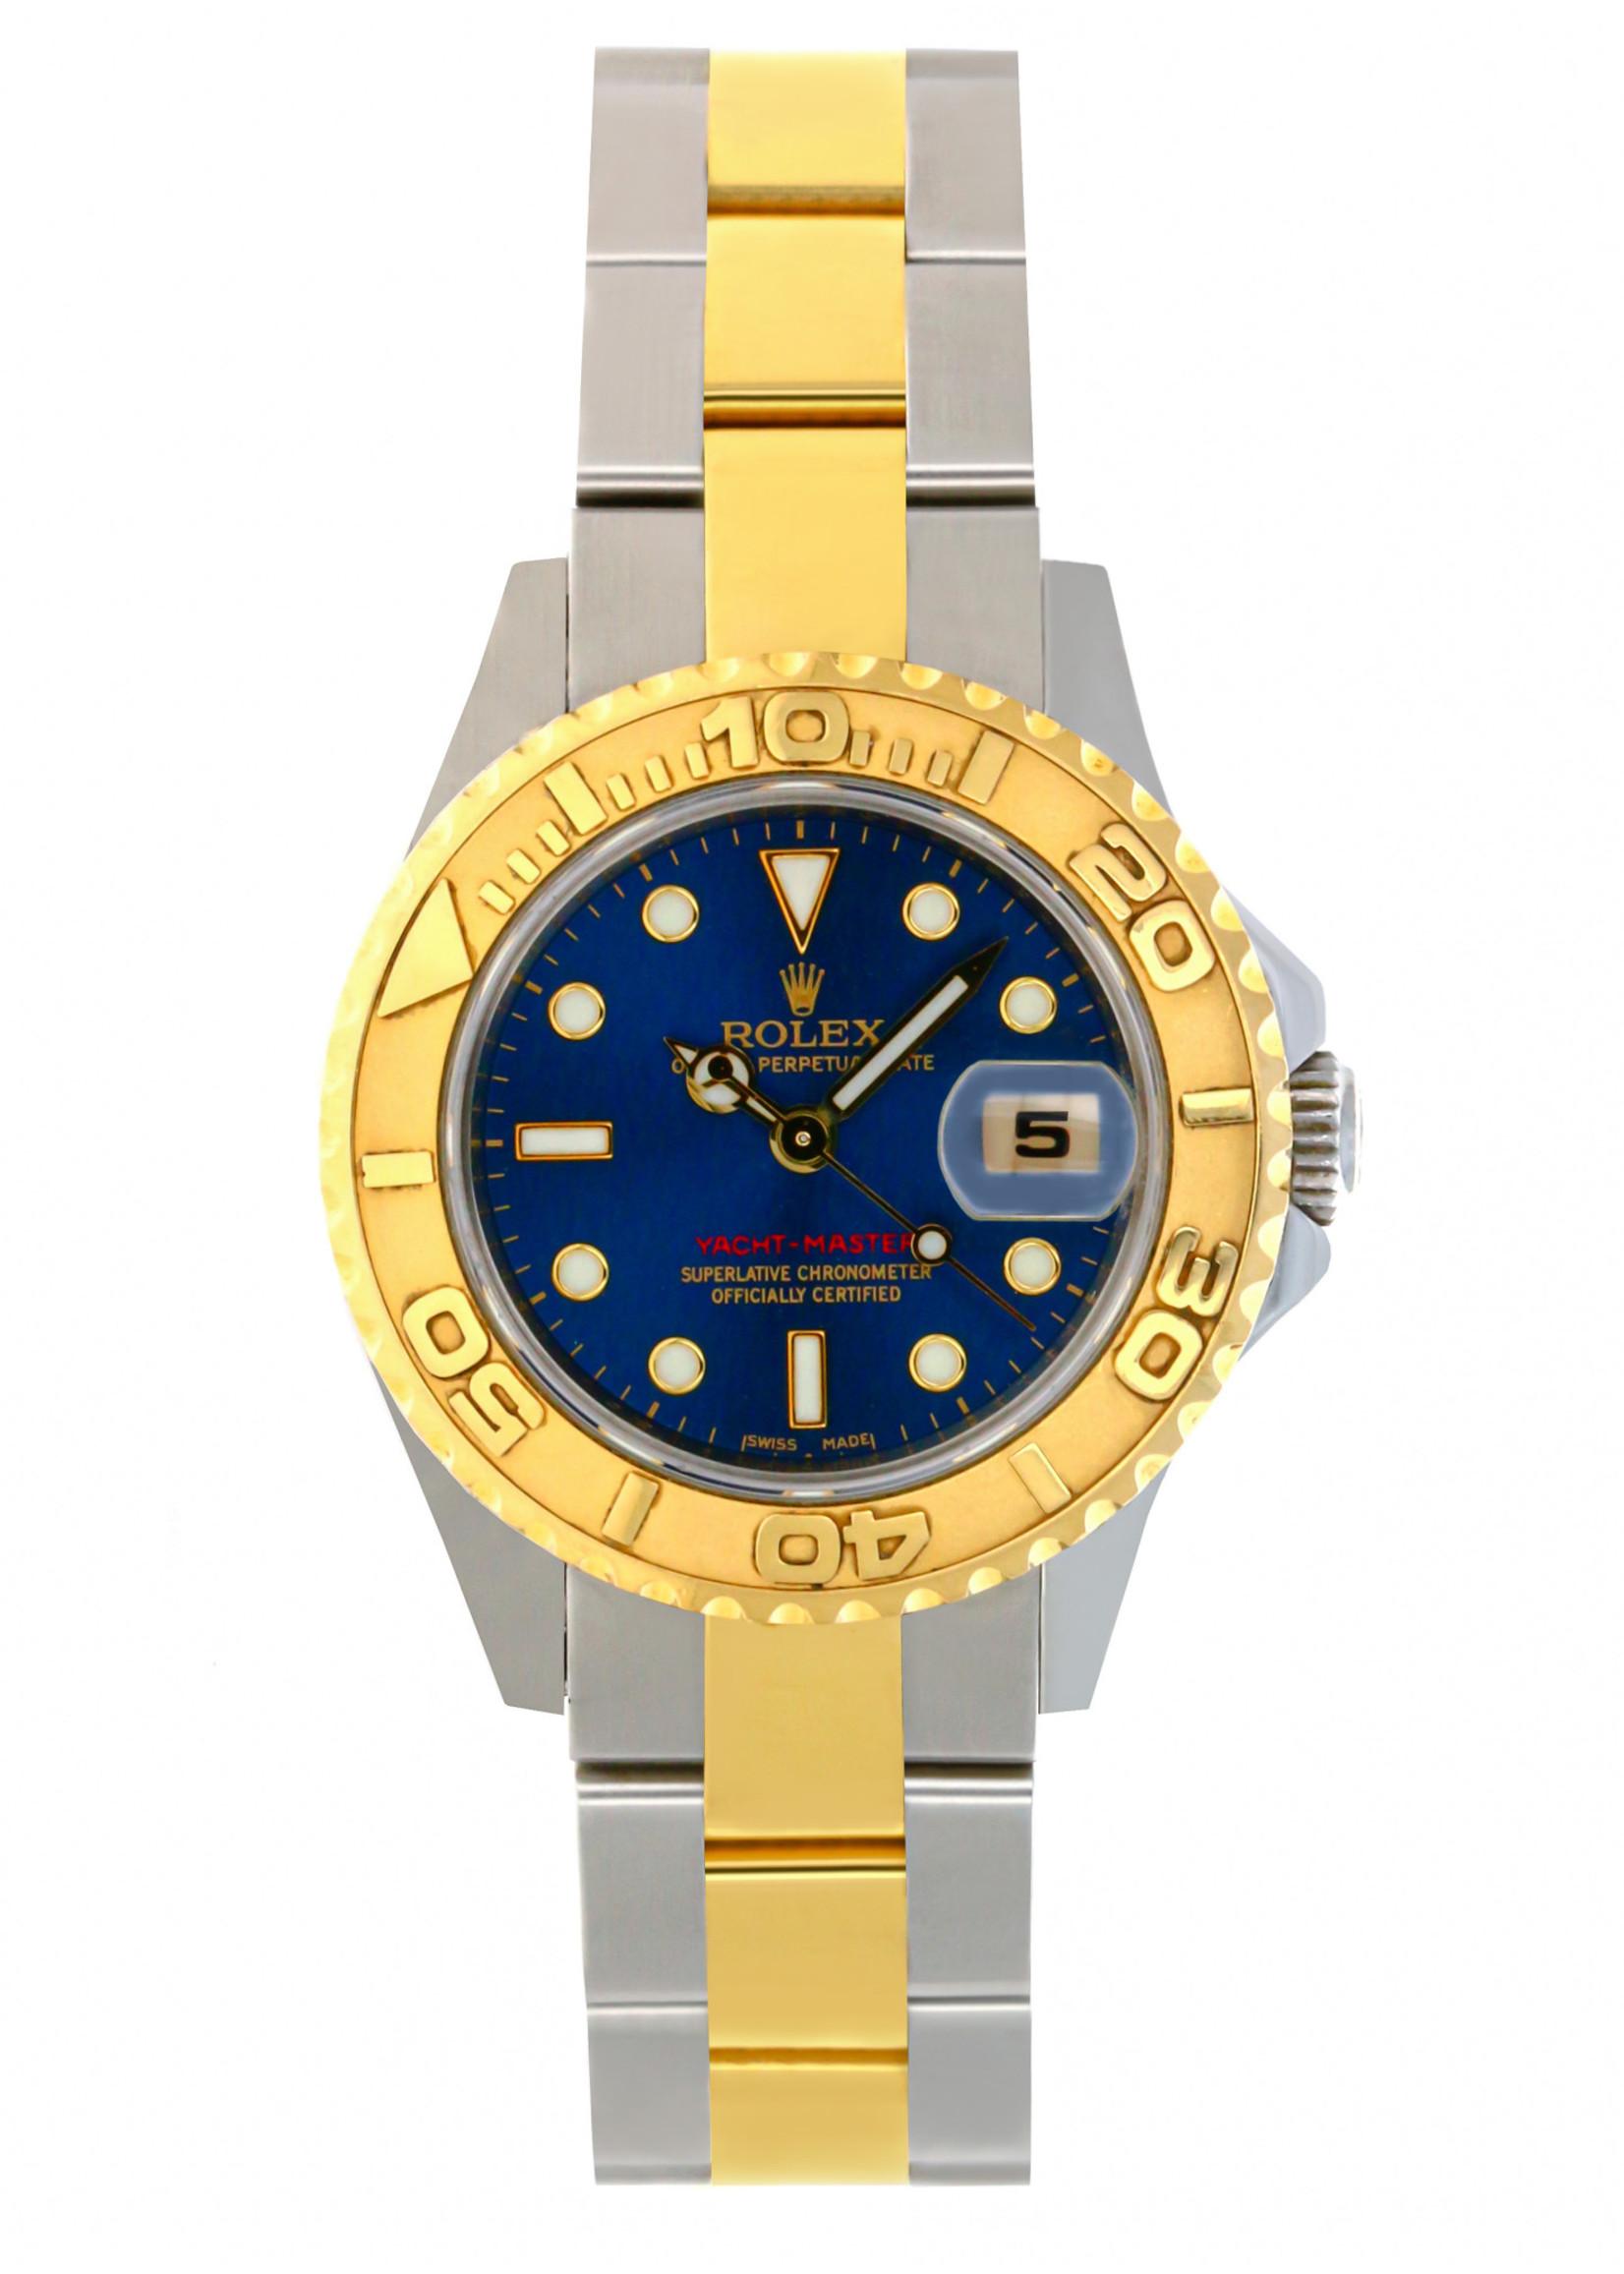 Rolex Watches ROLEX YACHTMASTER 28MM #169623 (2007)